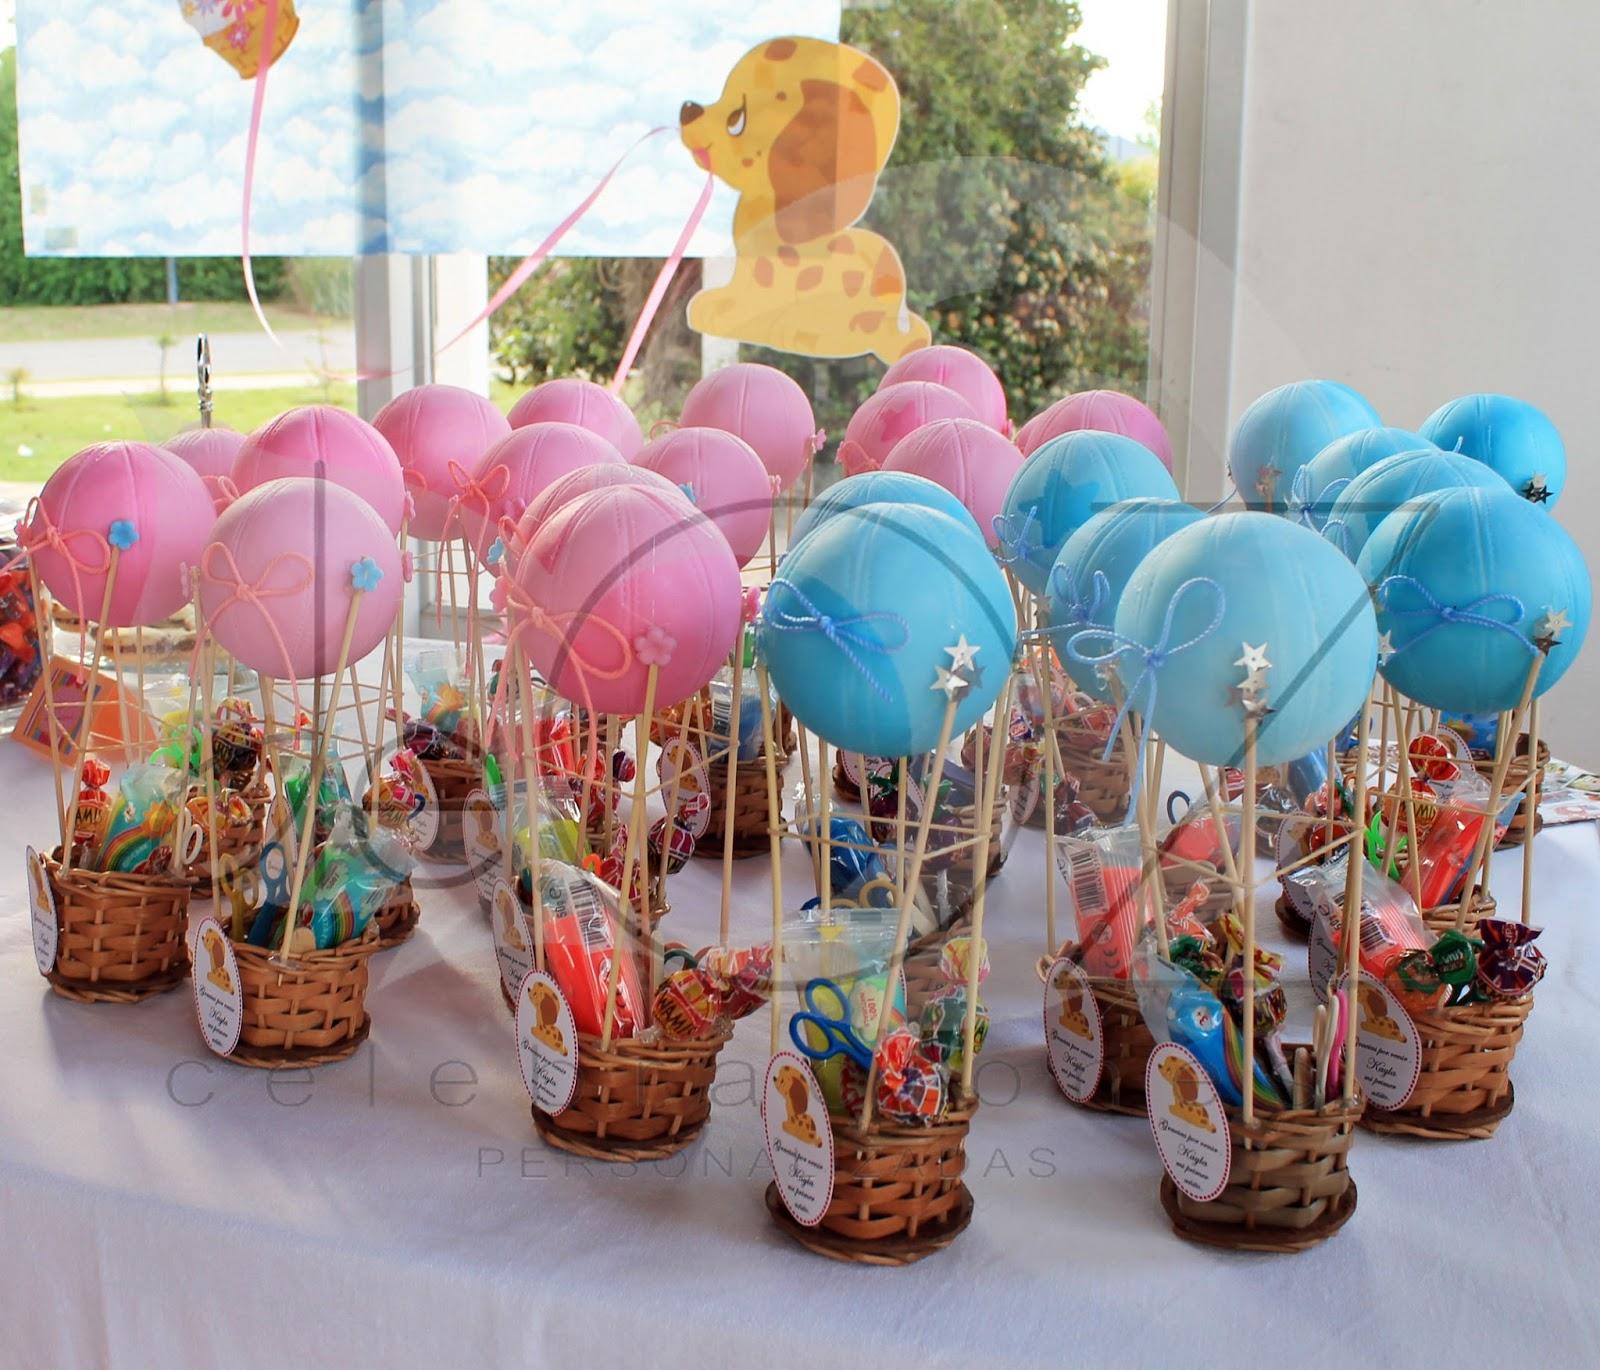 De oz celebraciones un paseo en un globo aerost tico - Globos aerostaticos infantiles ...